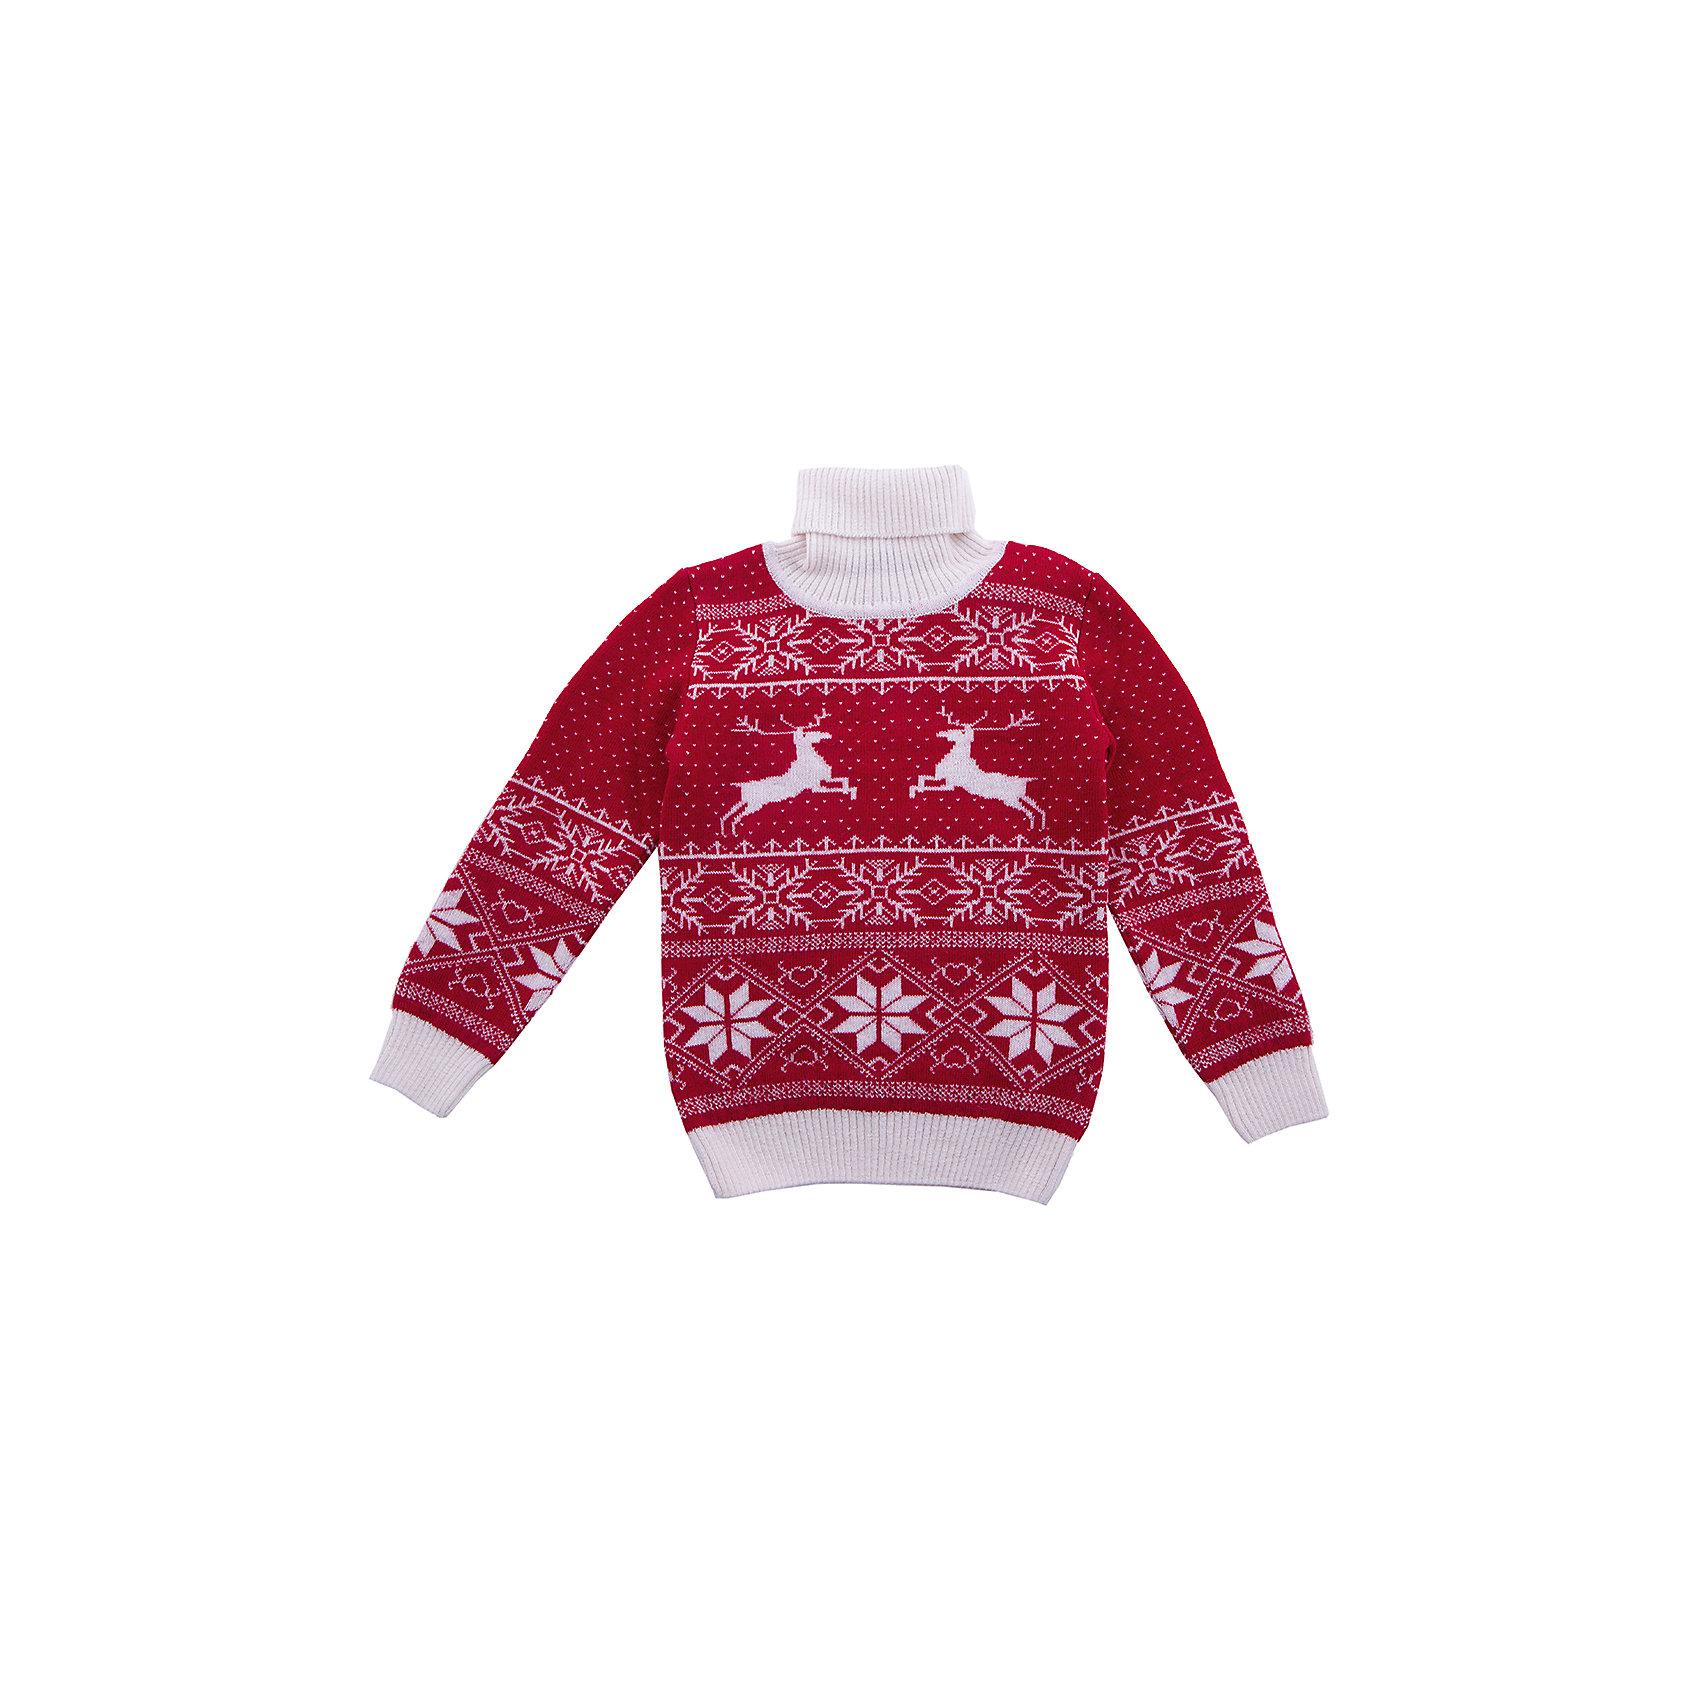 Свитер NorvegВодолазки<br>Свитер от известного бренда Norveg<br><br>Теплый свитер NORVEG Sweater Jaquard Wool  от немецкой компании Norveg (Норвег) - это удобная и красивая одежда, которая обеспечит комфортную терморегуляцию тела и на улице, и в помещении. <br>Она сделана из шерсти мериноса (австралийской тонкорунной овцы), которая обладает гипоаллергенными свойствами, поэтому не вызывает раздражения, даже если надета на голое тело.<br><br>Отличительные особенности модели:<br><br>- цвет: белый, красный;<br>- высокий ворот;<br>- анатомические трикотажные резинки внизу и на рукавах;<br>- орнамент с оленями;<br>- подходит и мальчикам, и девочкам;<br>- застежка-молния;<br>- карманы.<br><br>Дополнительная информация:<br><br>- Температурный режим: от - 20° С  до +5° С.<br><br>- Состав: 100% шерсть мериноса<br>Толстовку Norveg (Норвег) можно купить в нашем магазине.<br><br>Ширина мм: 190<br>Глубина мм: 74<br>Высота мм: 229<br>Вес г: 236<br>Цвет: красный<br>Возраст от месяцев: 36<br>Возраст до месяцев: 48<br>Пол: Унисекс<br>Возраст: Детский<br>Размер: 80/86,116,104,128,92,140,152/158<br>SKU: 4224485